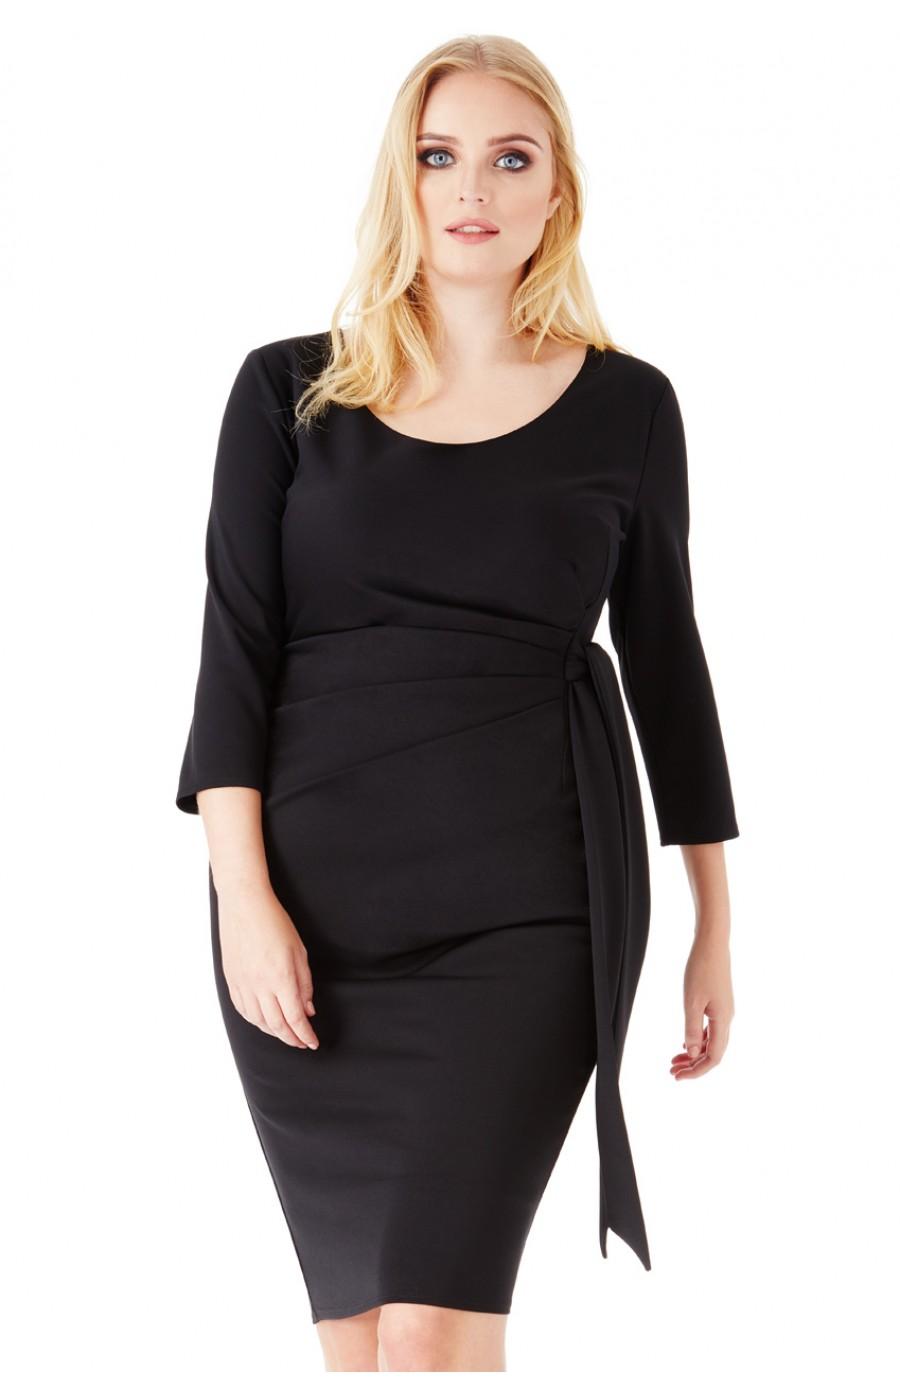 Μαύρο μίντι φόρεμα